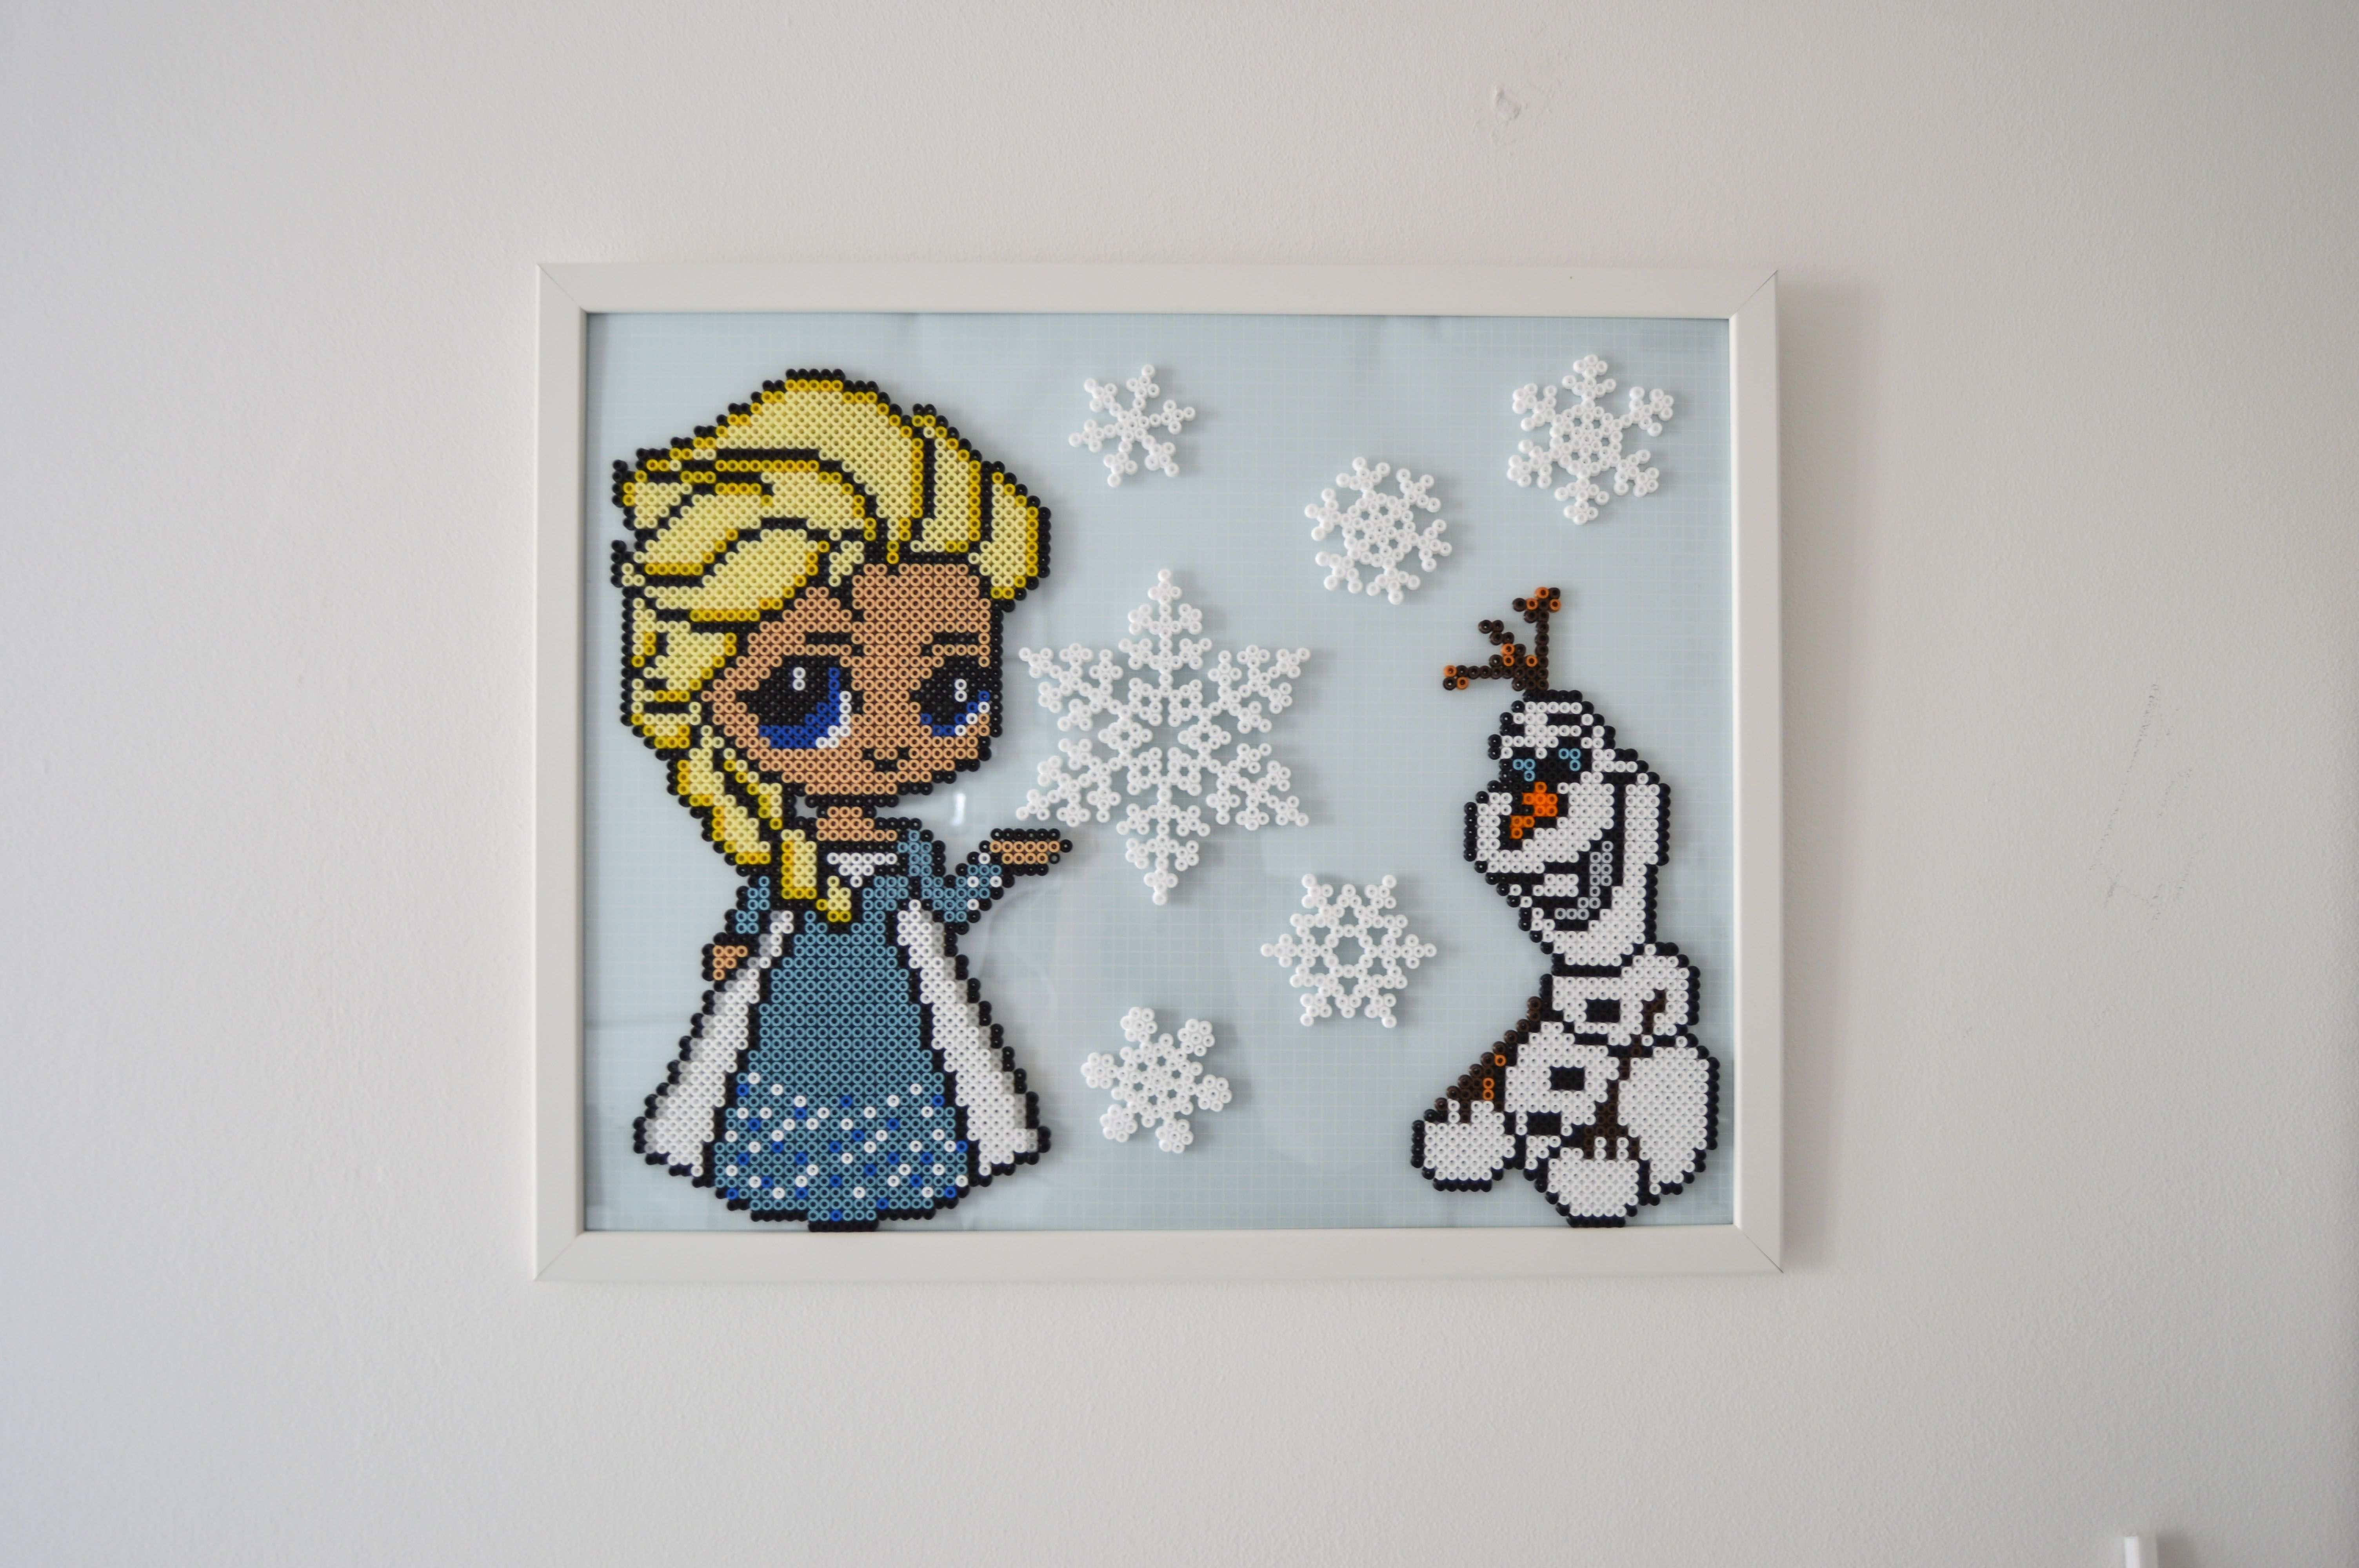 Frost Gefroren Hama Perlen Hama Perlen Elsa Olaf Disney Basteln Bugelperlen Perler Bead Designs Hama Perlen Muster